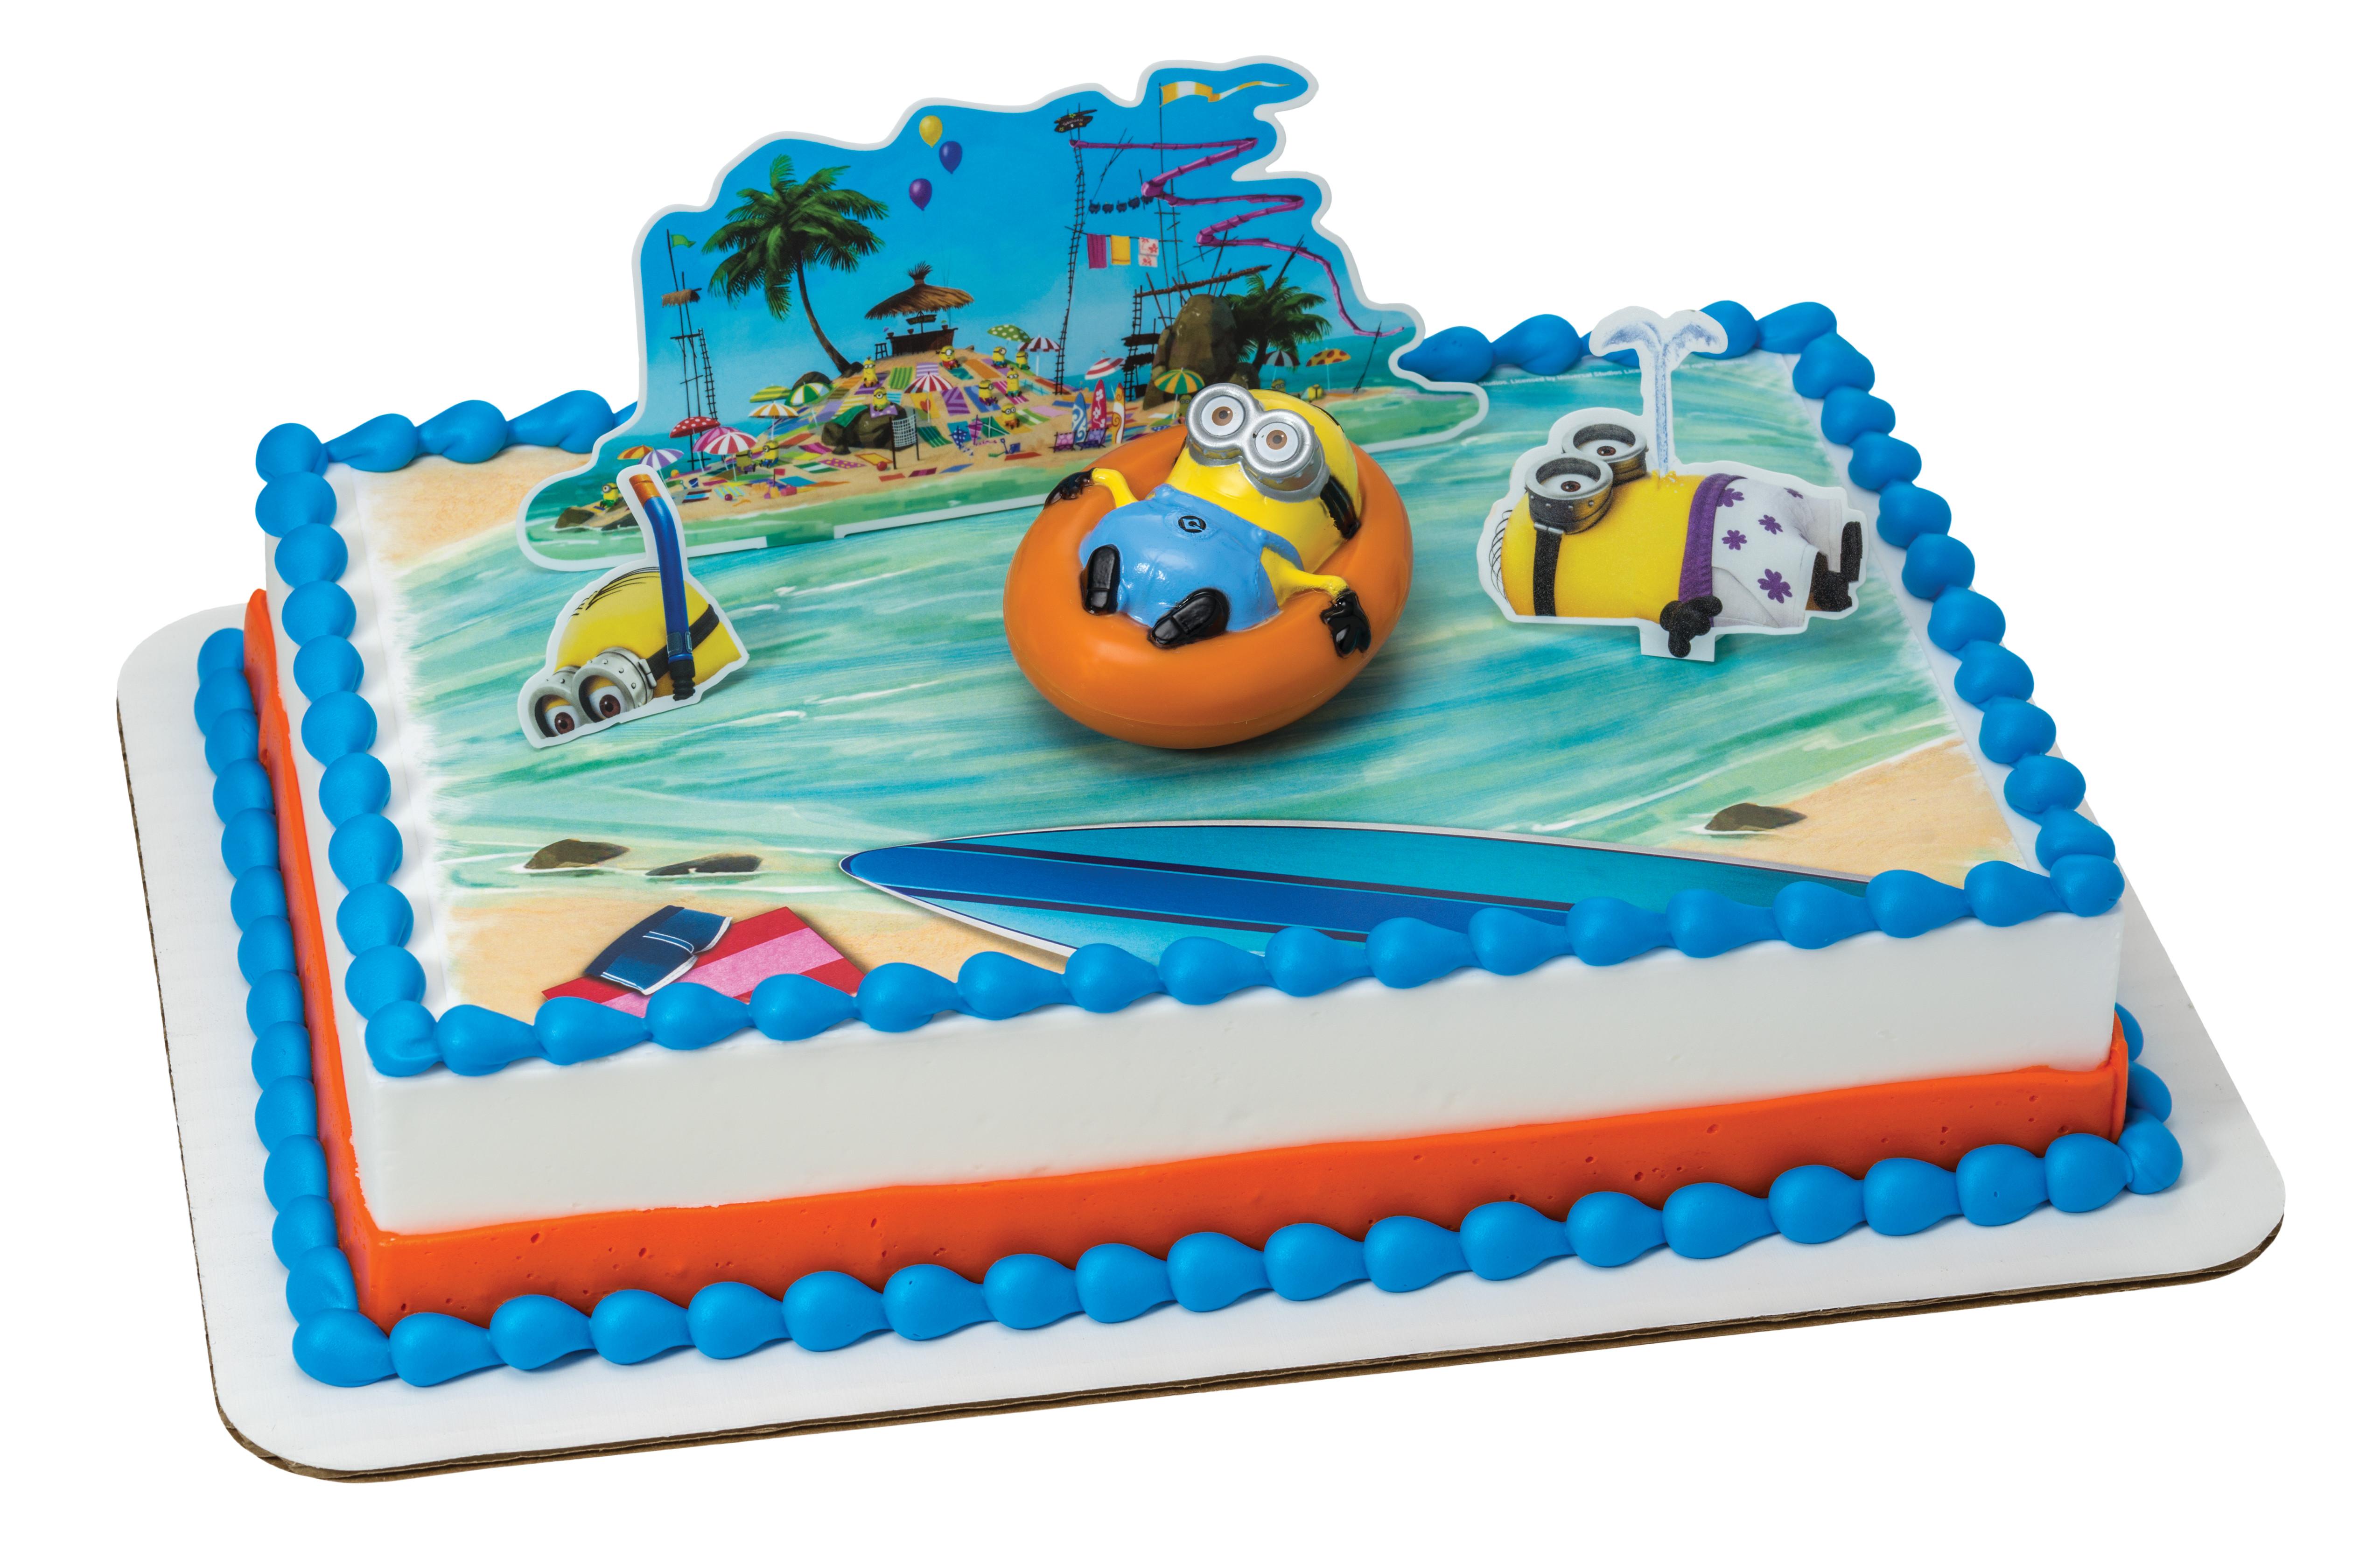 Despicable Me Beach Party Decoset 174 Decopac